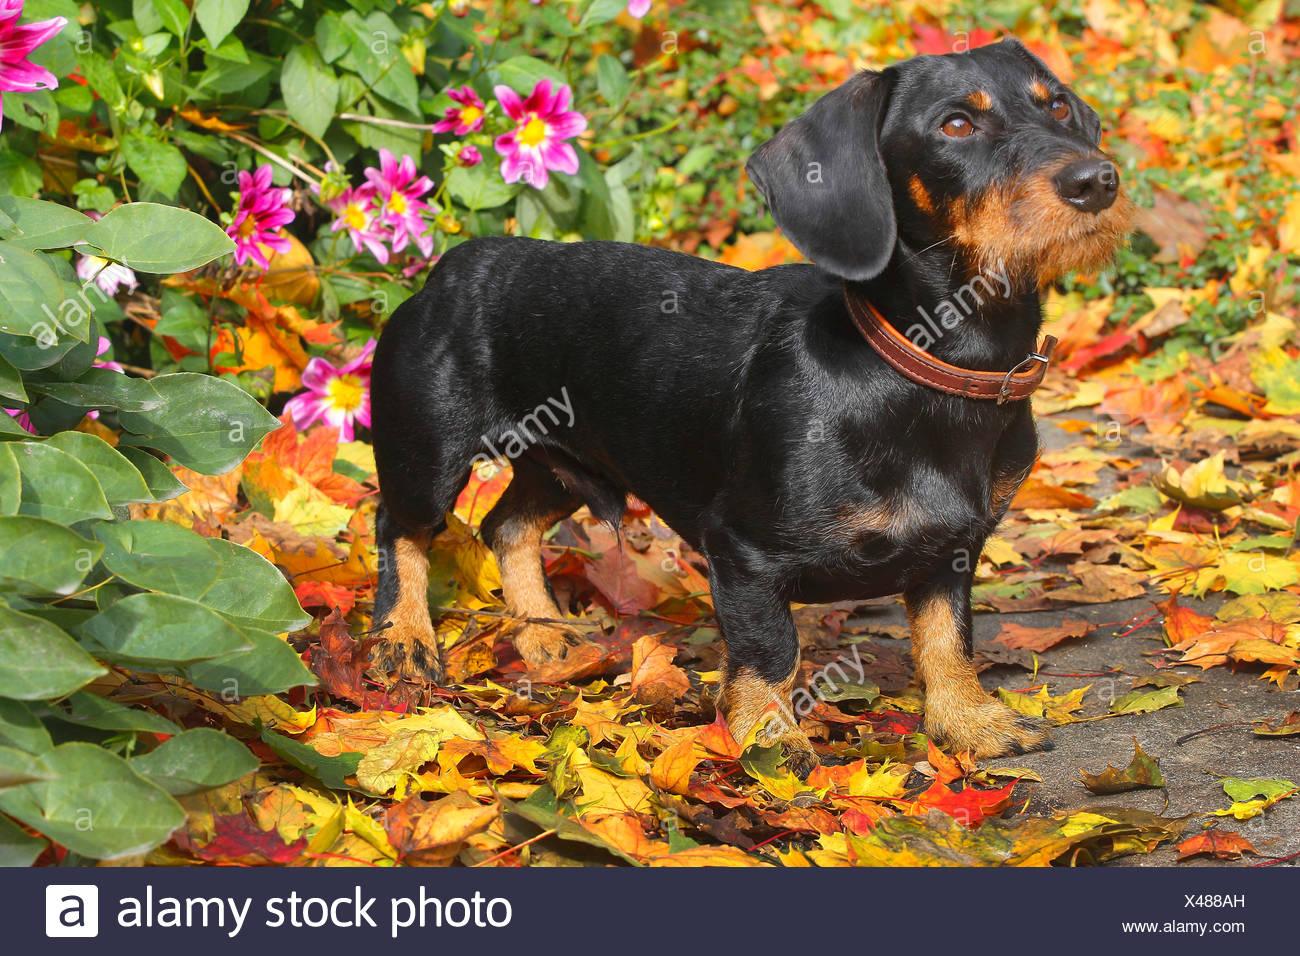 Teckel à poil dur, chien saucisse à poil dur, chien domestique (Canis lupus f. familiaris), noir et feu de 19 mois mâle chien en automne feuillage en face de dahlias, Allemagne Photo Stock